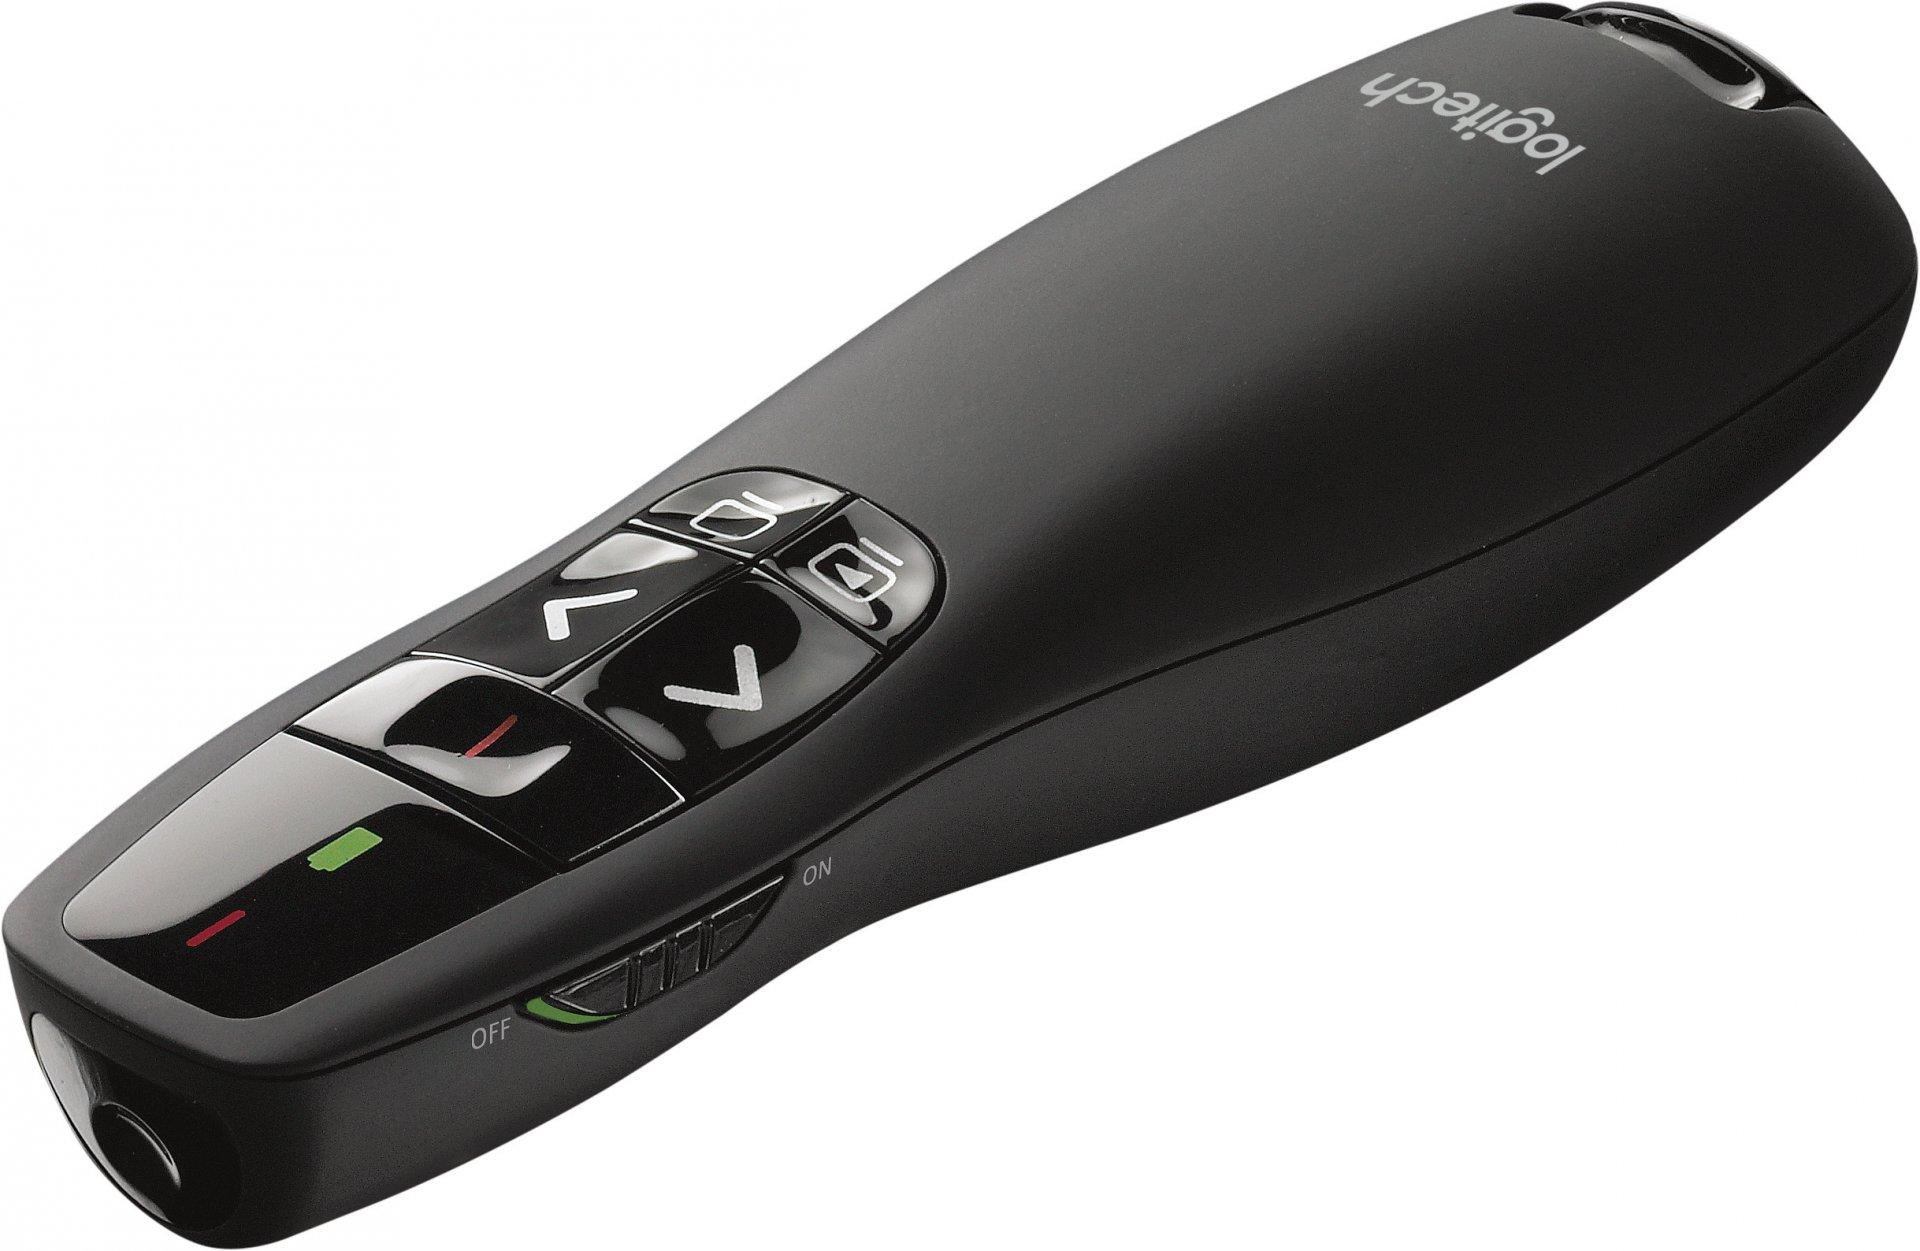 Презентер Logitech Wireless Presenter R400 Black USB